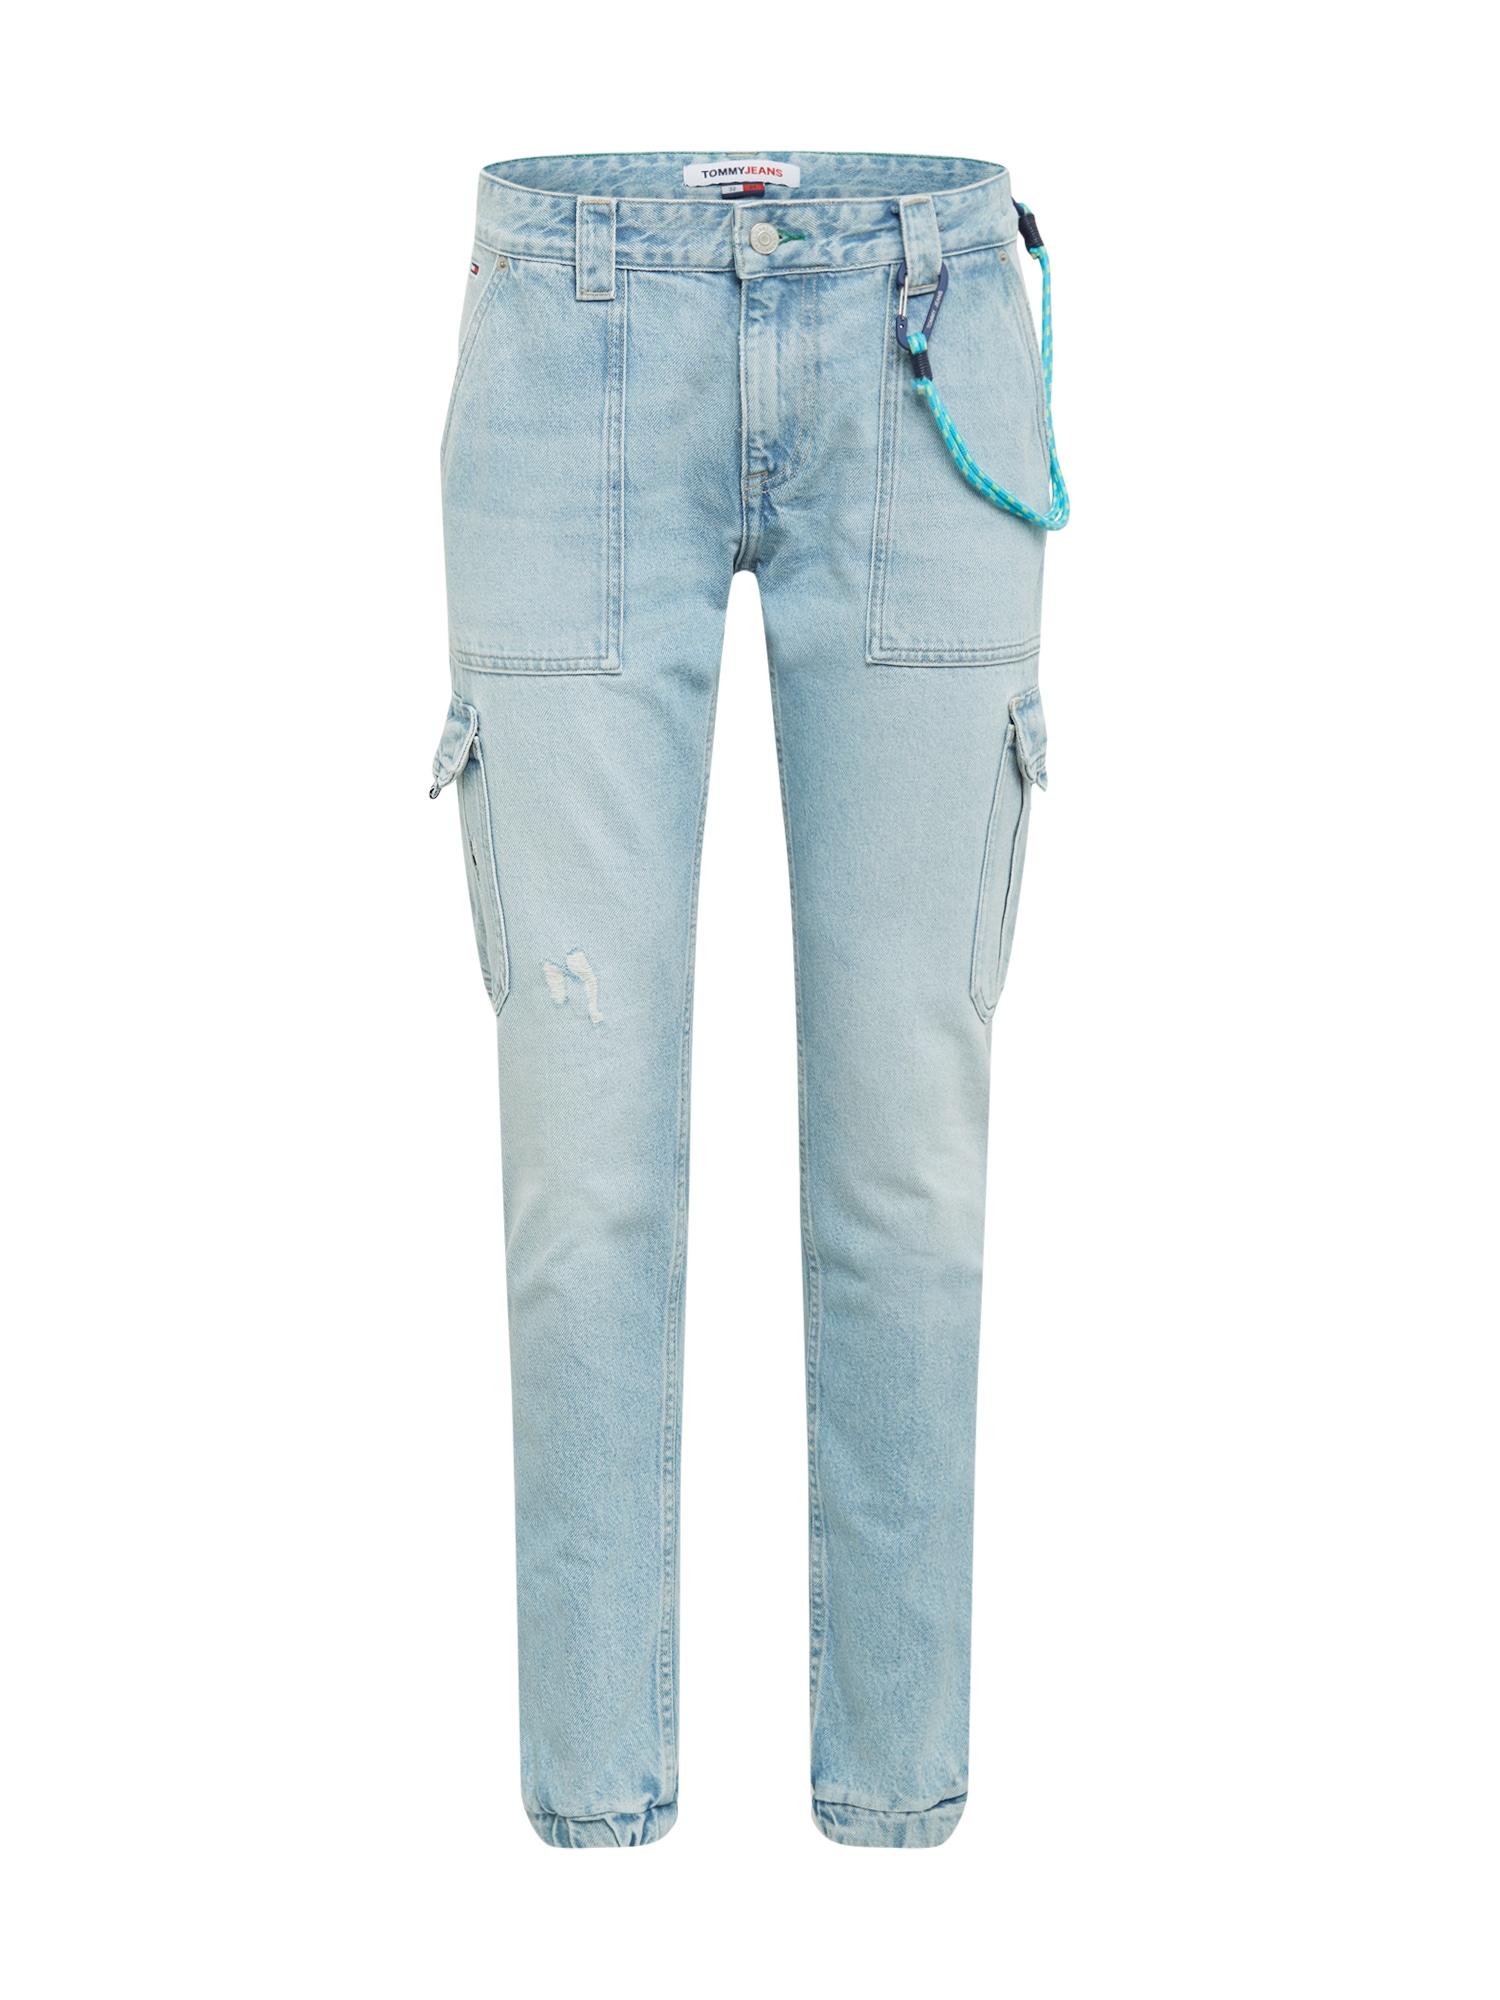 Tommy Jeans Darbinio stiliaus džinsai